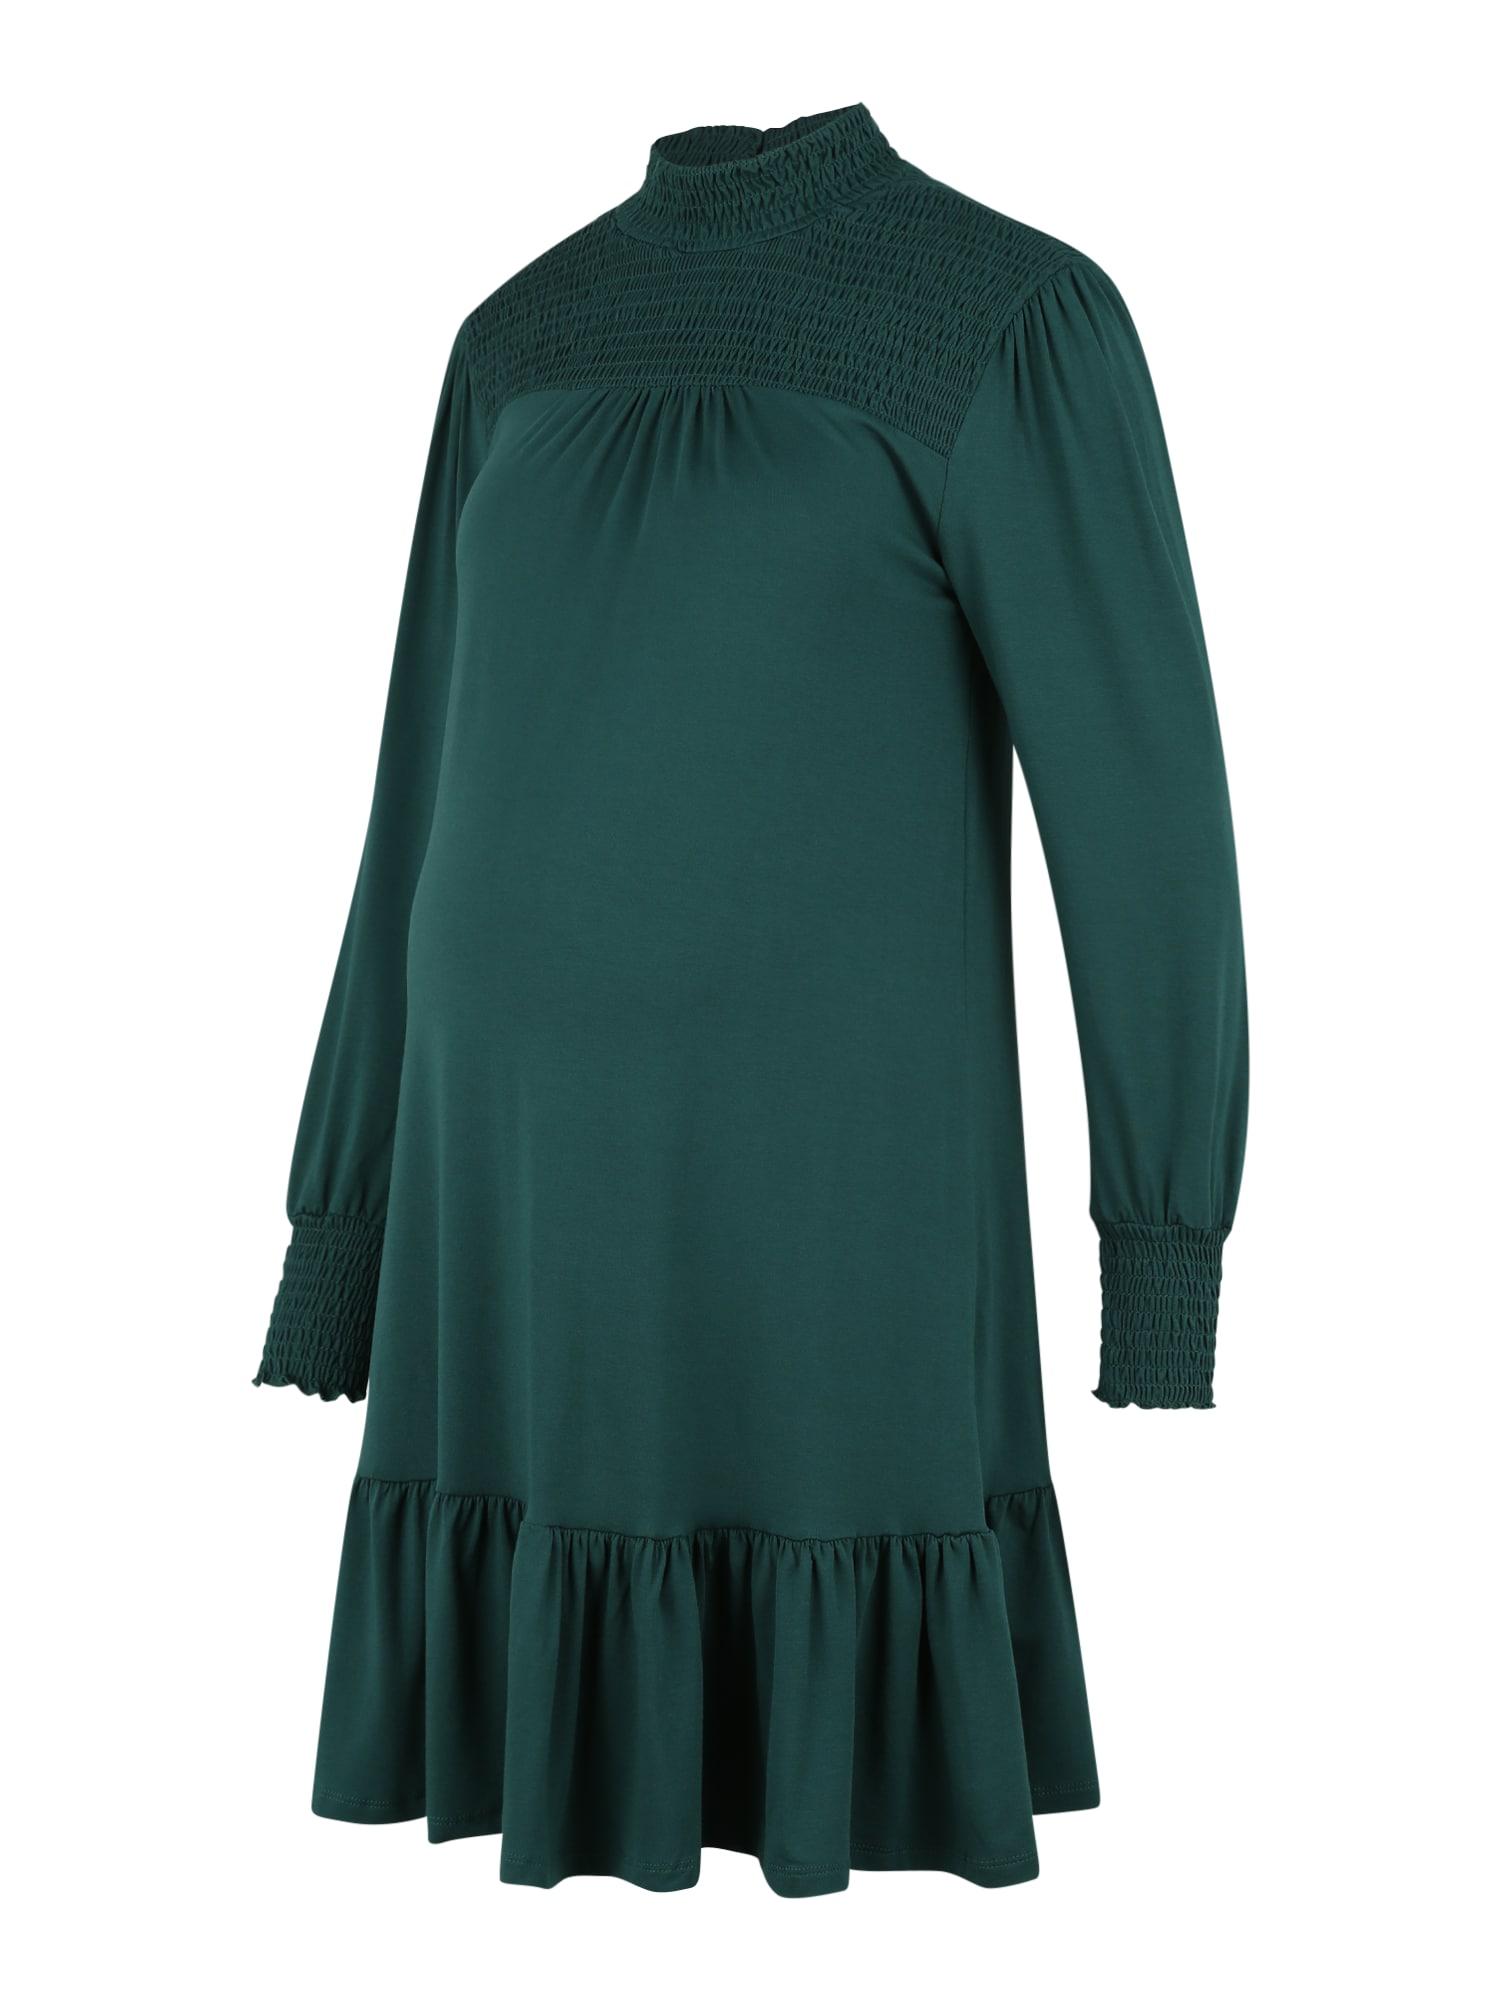 Dorothy Perkins Maternity Suknelė tamsiai žalia